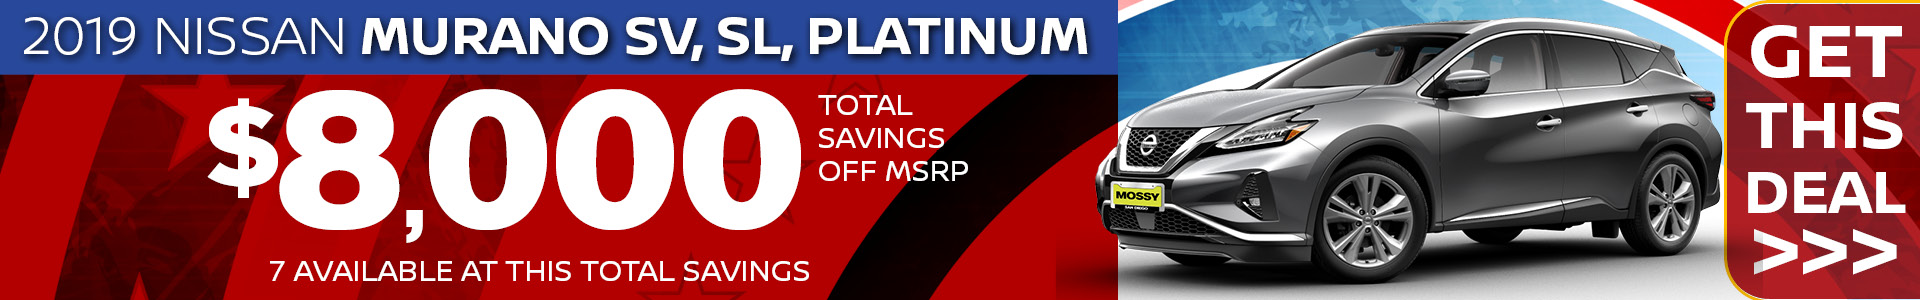 Mossy Nissan - Murano SRP